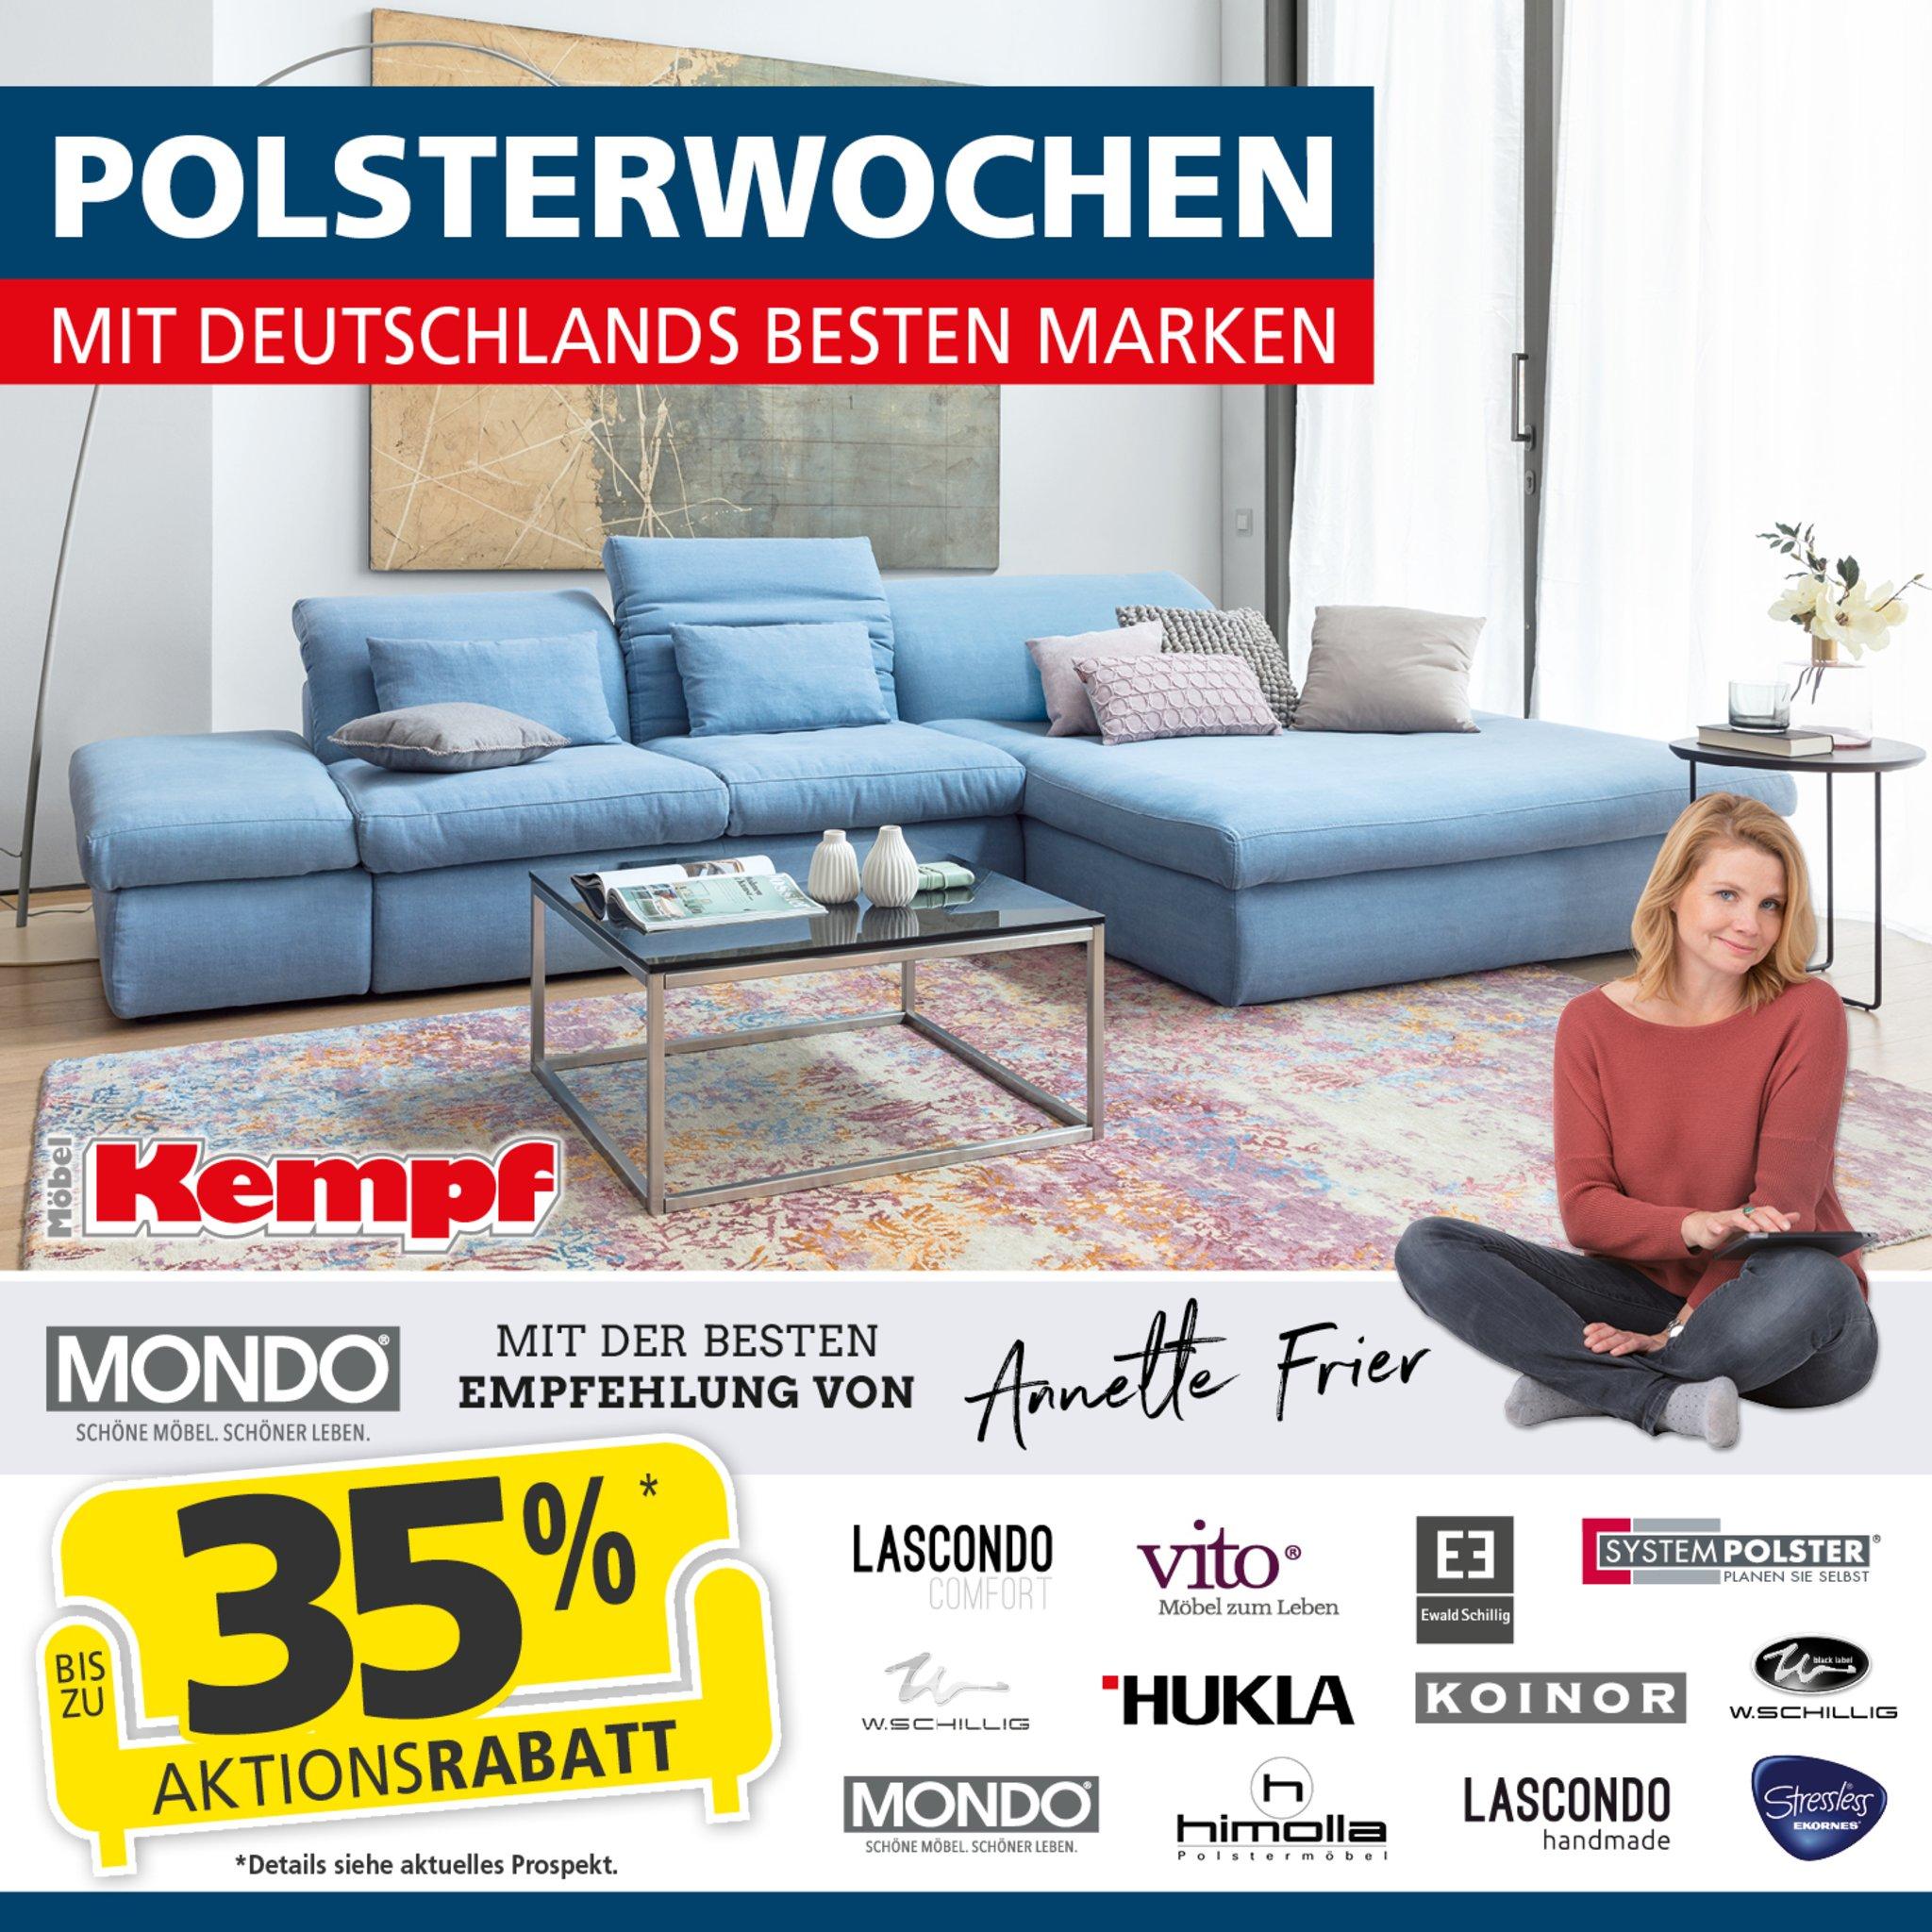 riesiger polster wochen sonderverkauf mit deutschlands besten marken bei m bel kempf aschaffenburg. Black Bedroom Furniture Sets. Home Design Ideas